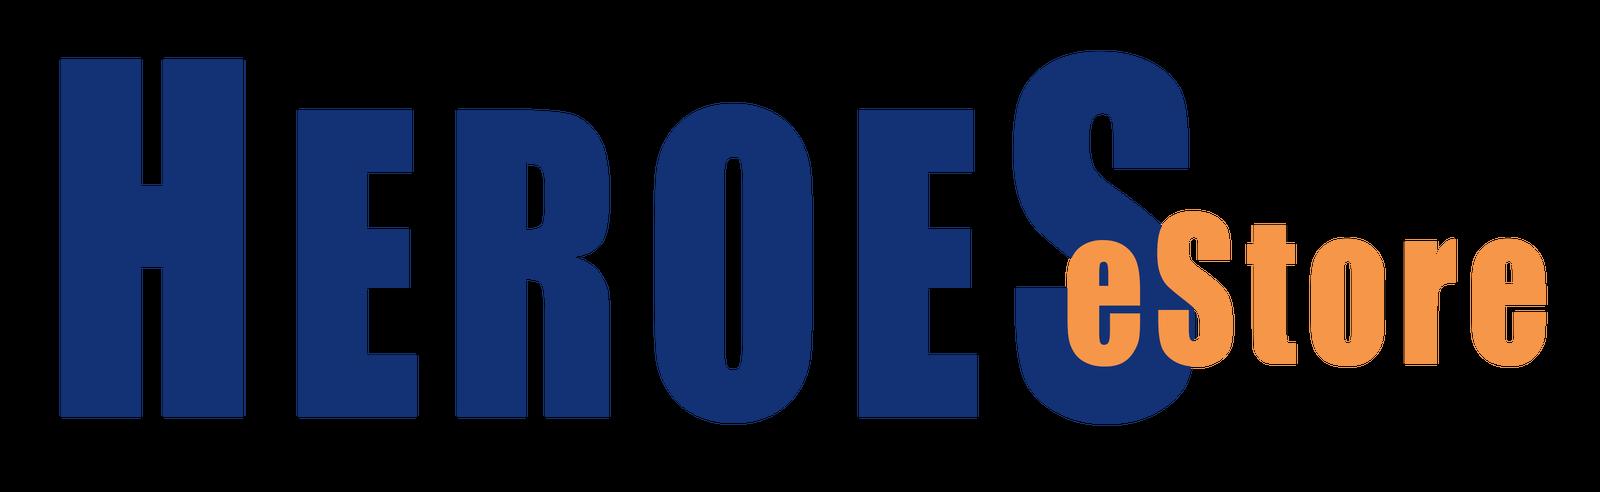 Heroes eStore